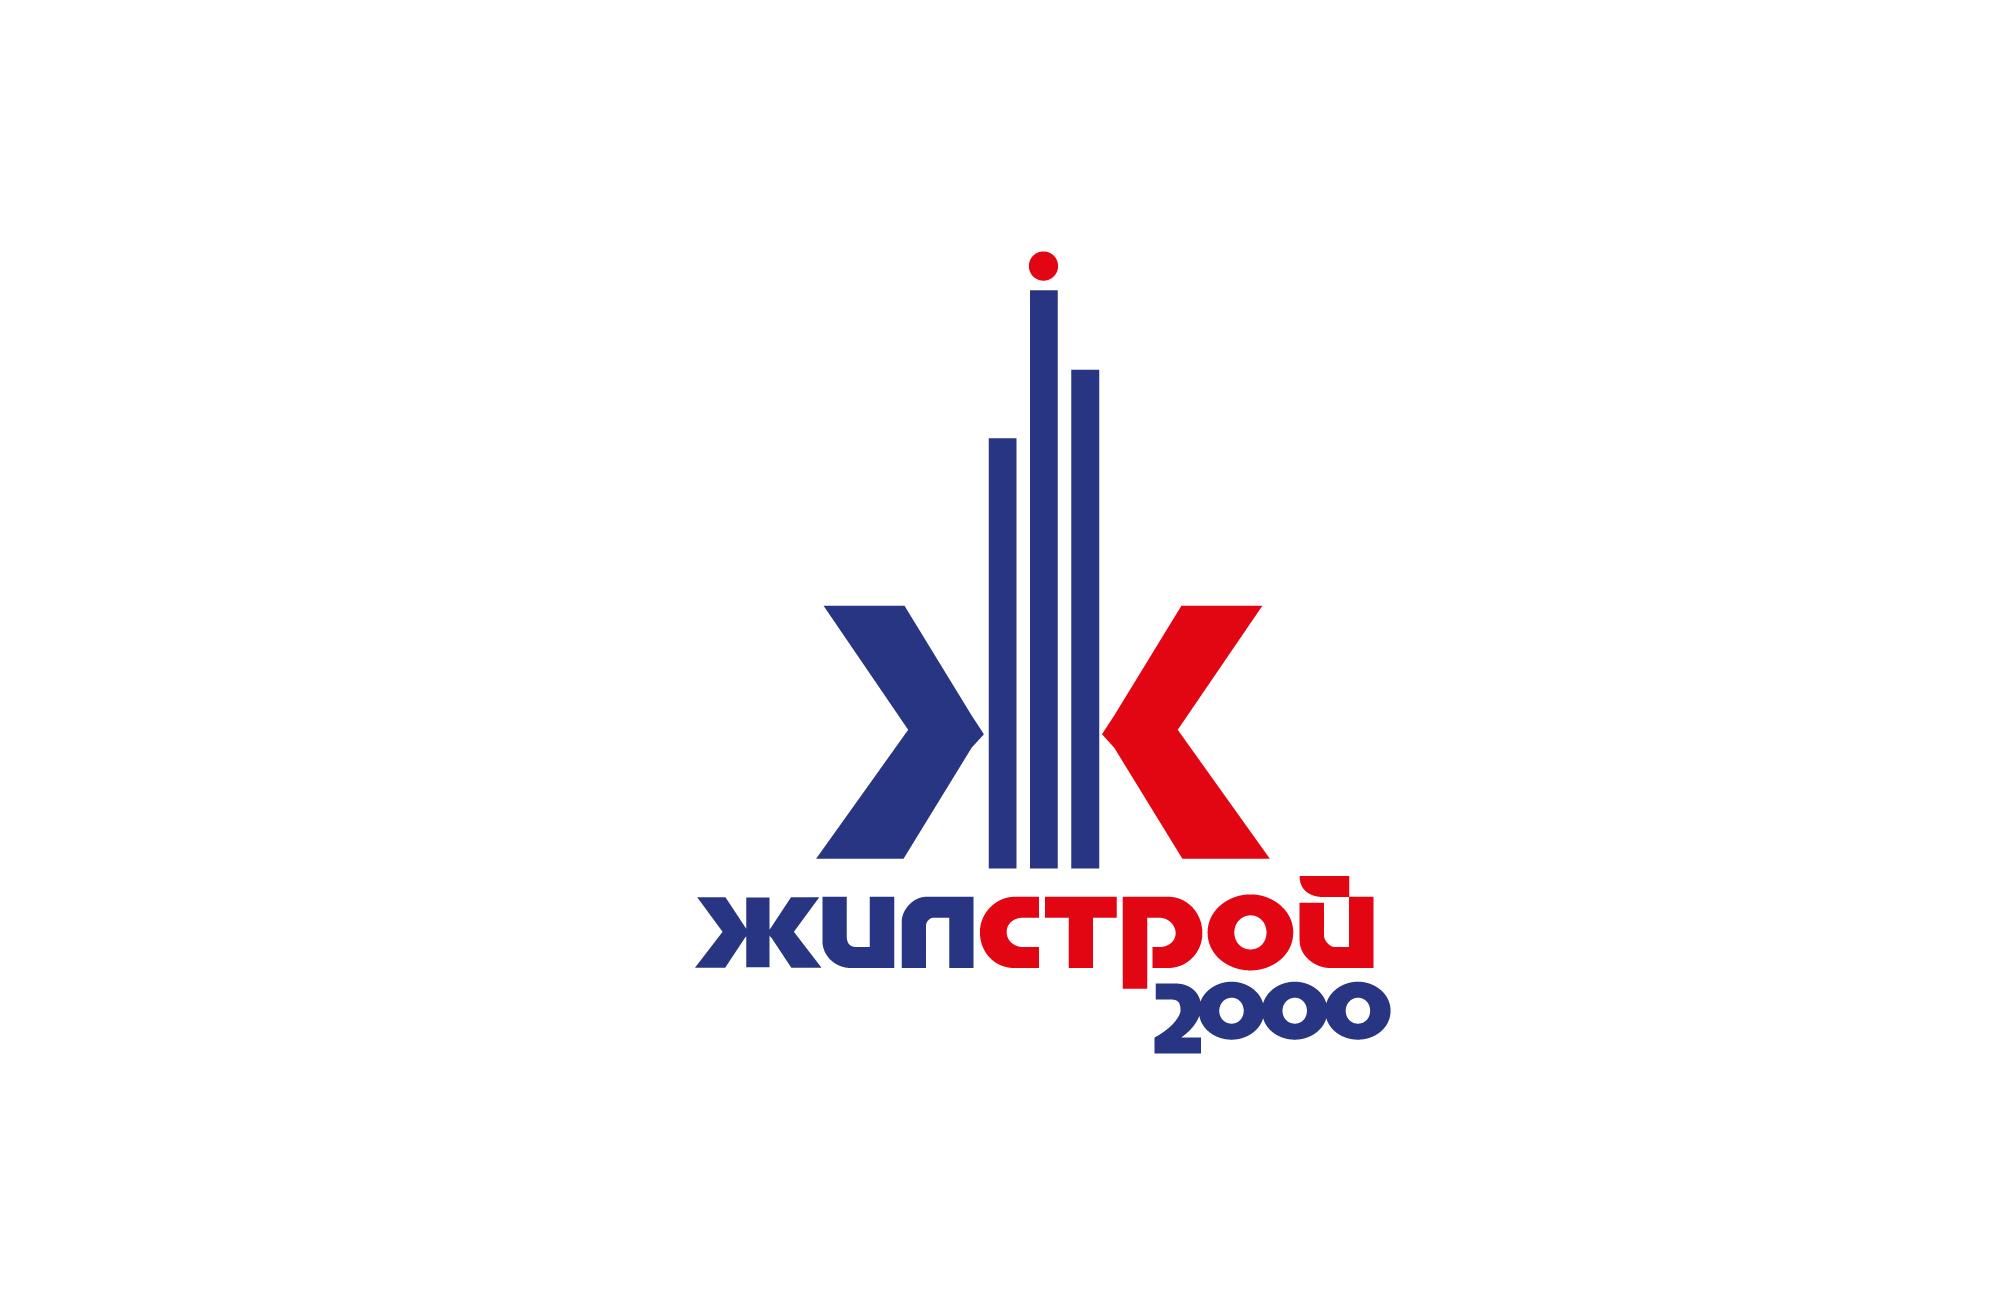 Логотип для строительной компании Жилстрой 2000